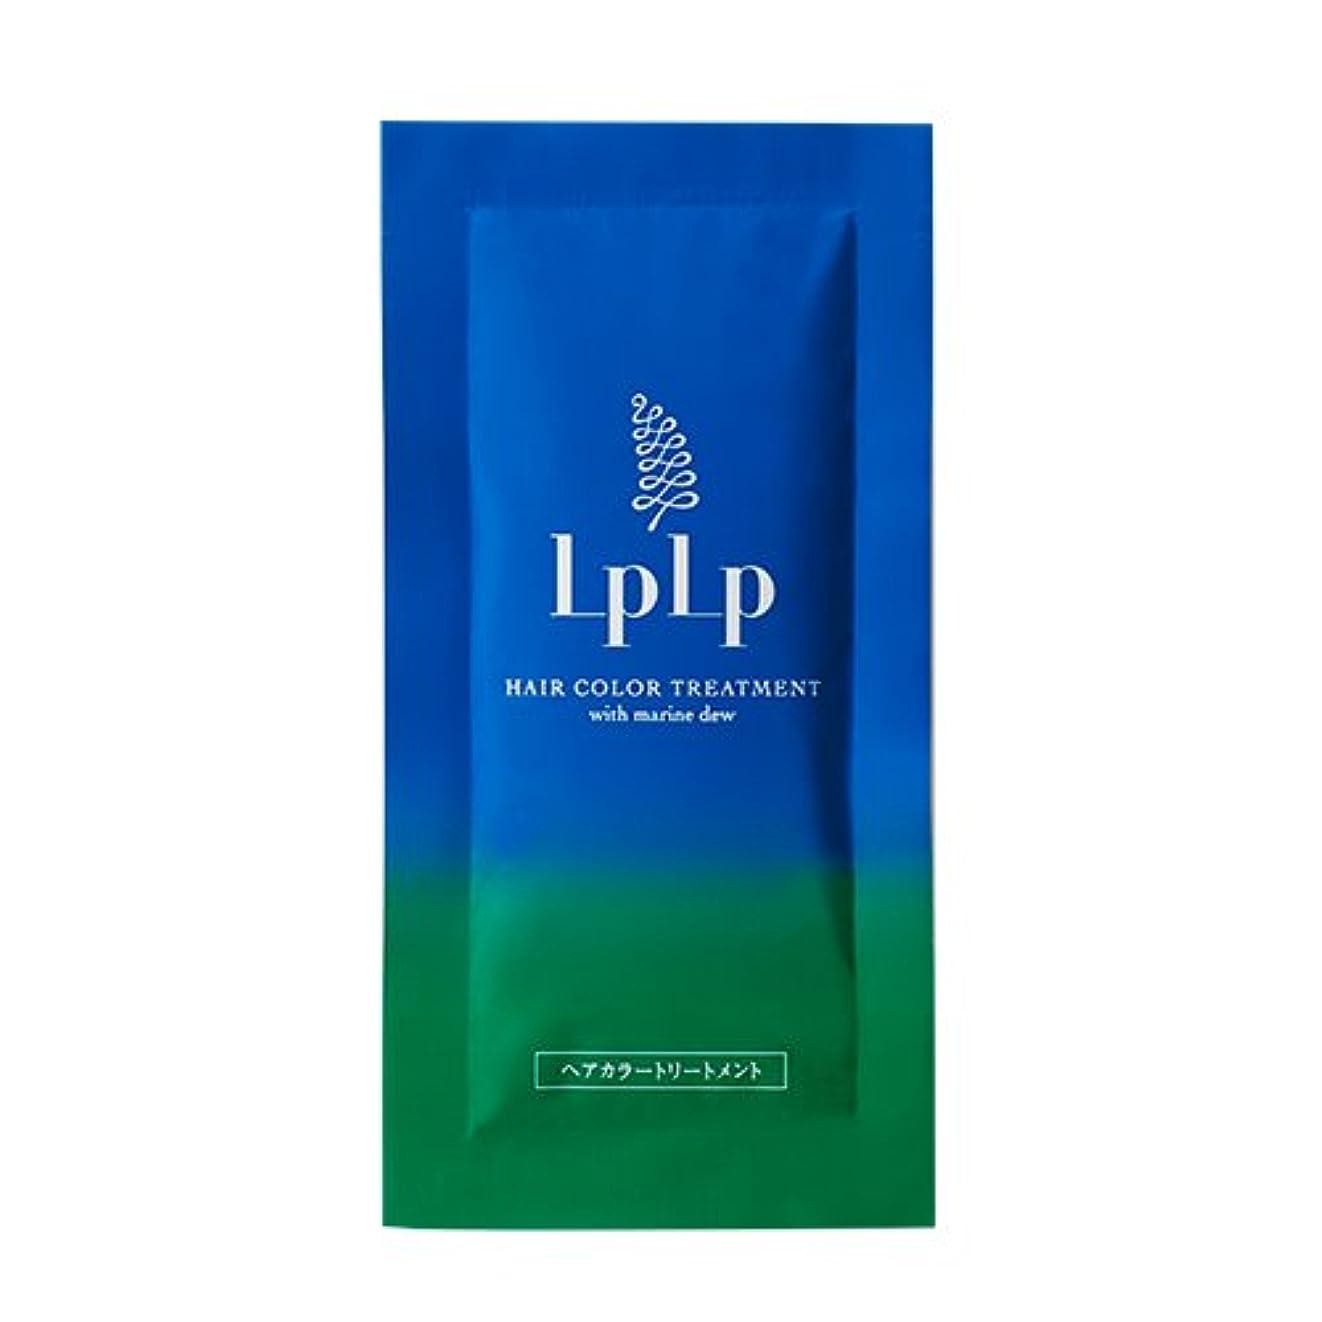 評価する快い目を覚ますLPLP(ルプルプ)ヘアカラートリートメントお試しパウチ ブラウン